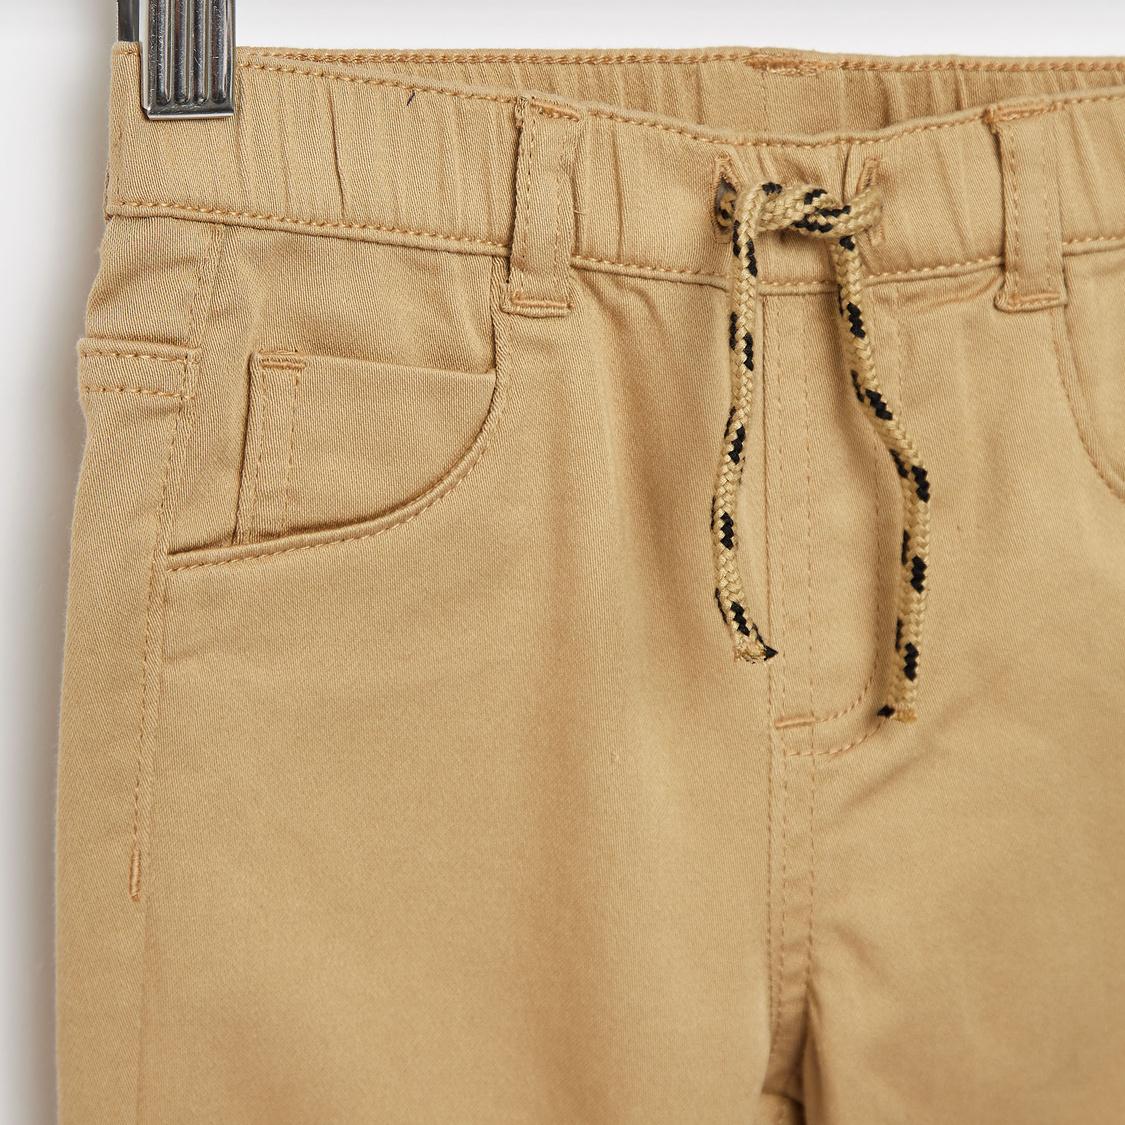 Solid Jog Pants with Pockets and Drawstring Closure